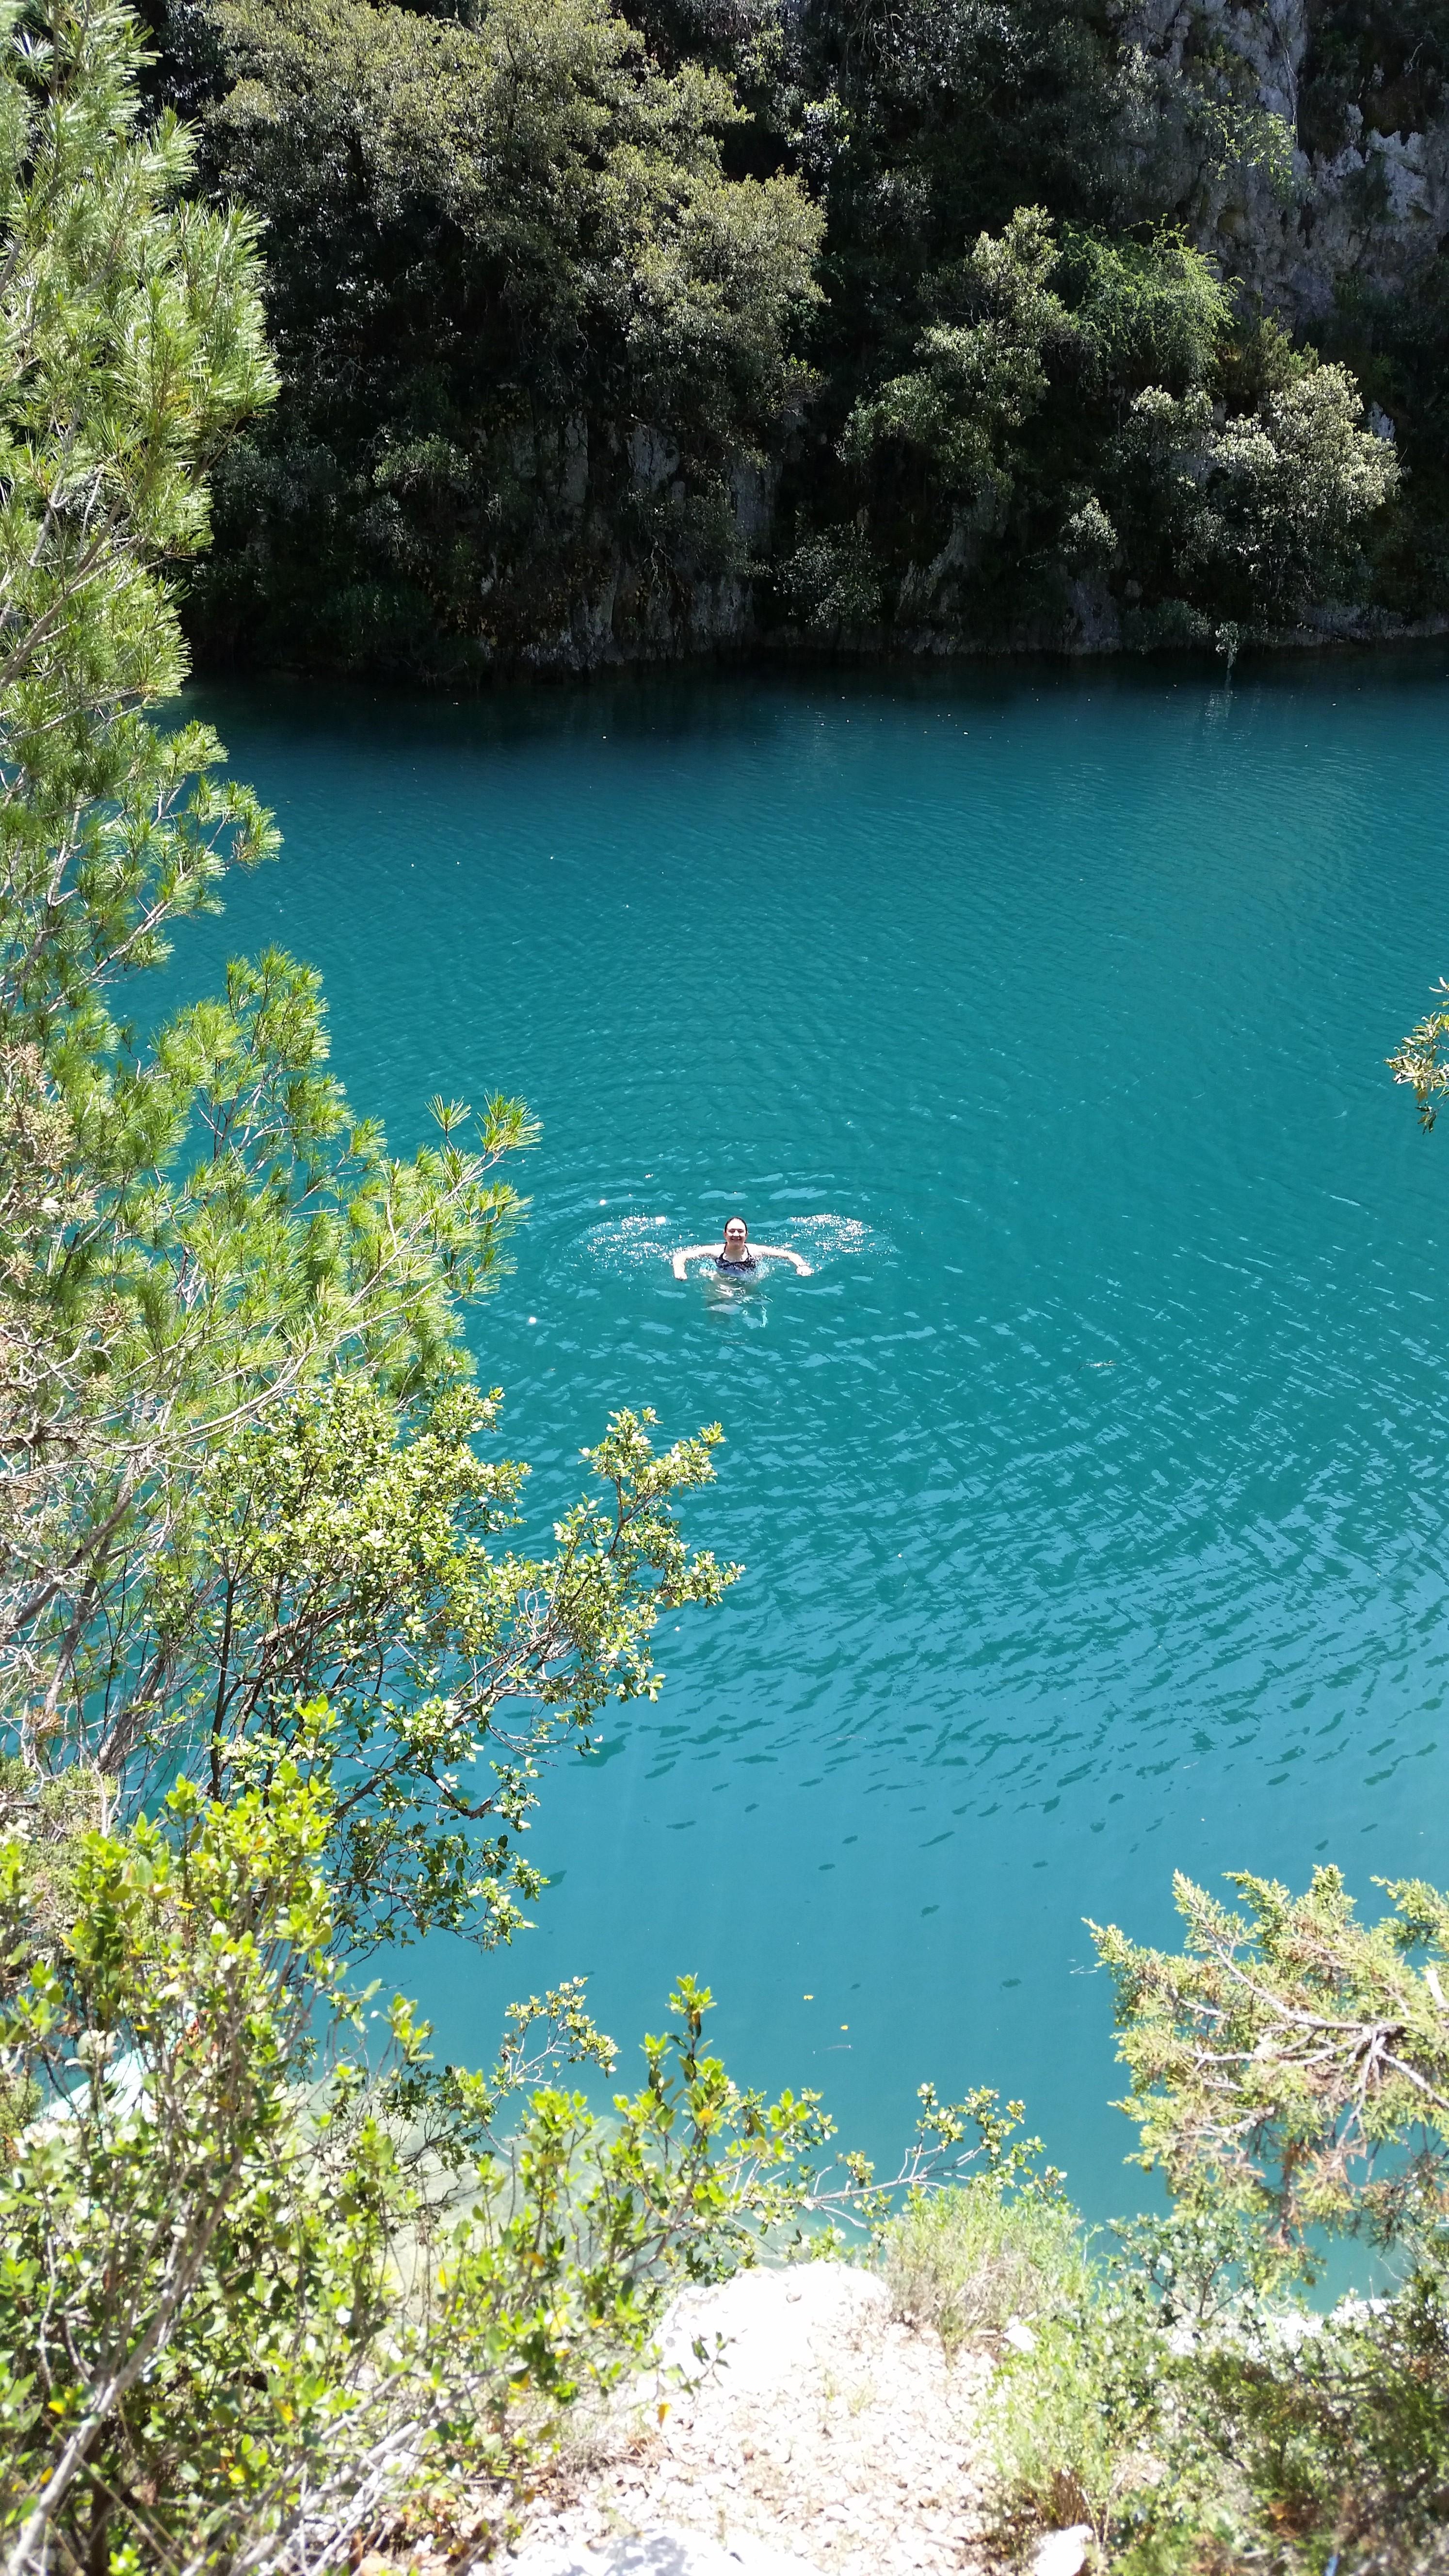 Une eau vers 20 ou 21°, le paradis bleu